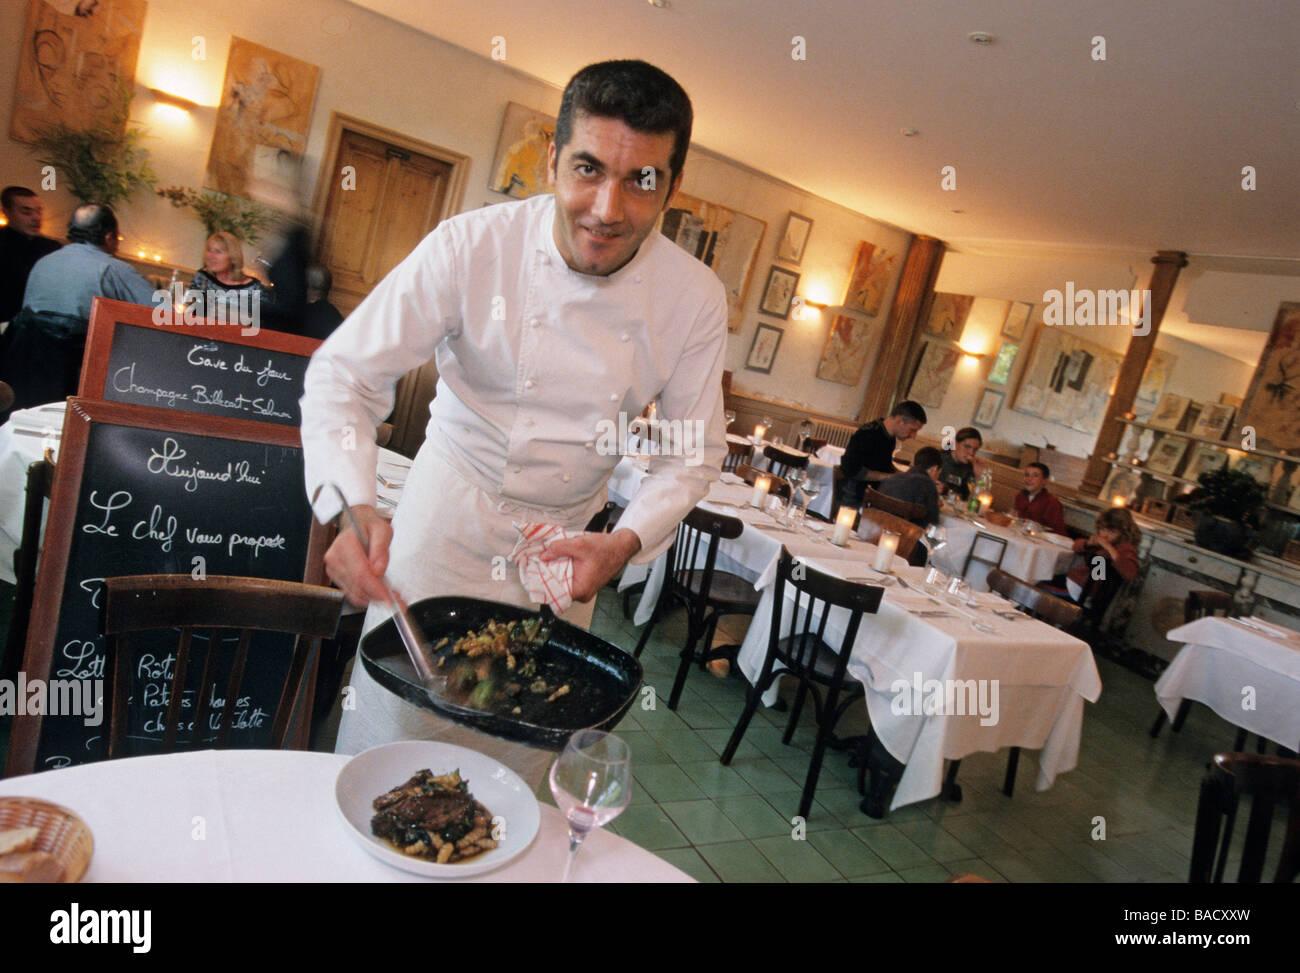 France vaucluse isle sur la sorgue daniel hebet in his restaurant stock photo royalty free - Le jardin du quai isle sur la sorgue ...